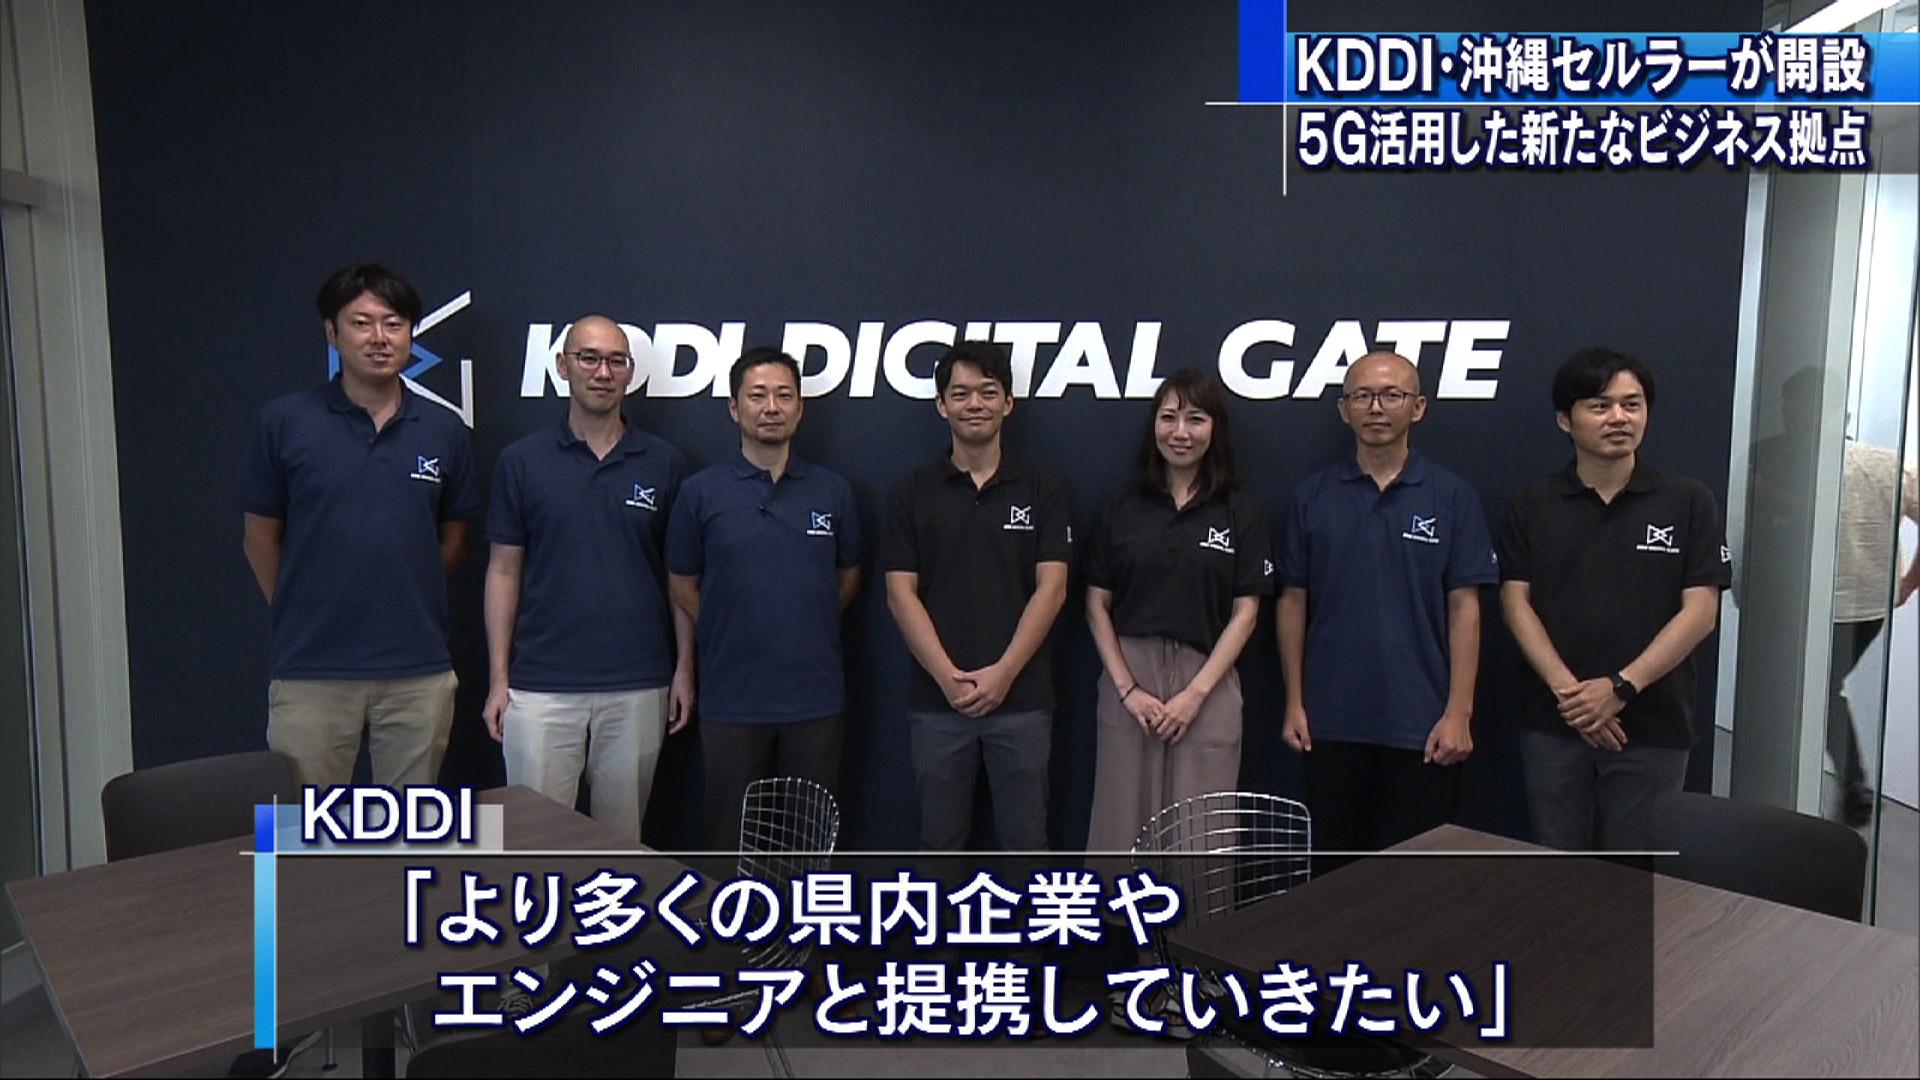 沖縄セルラーにビジネス開発の新拠点オープン